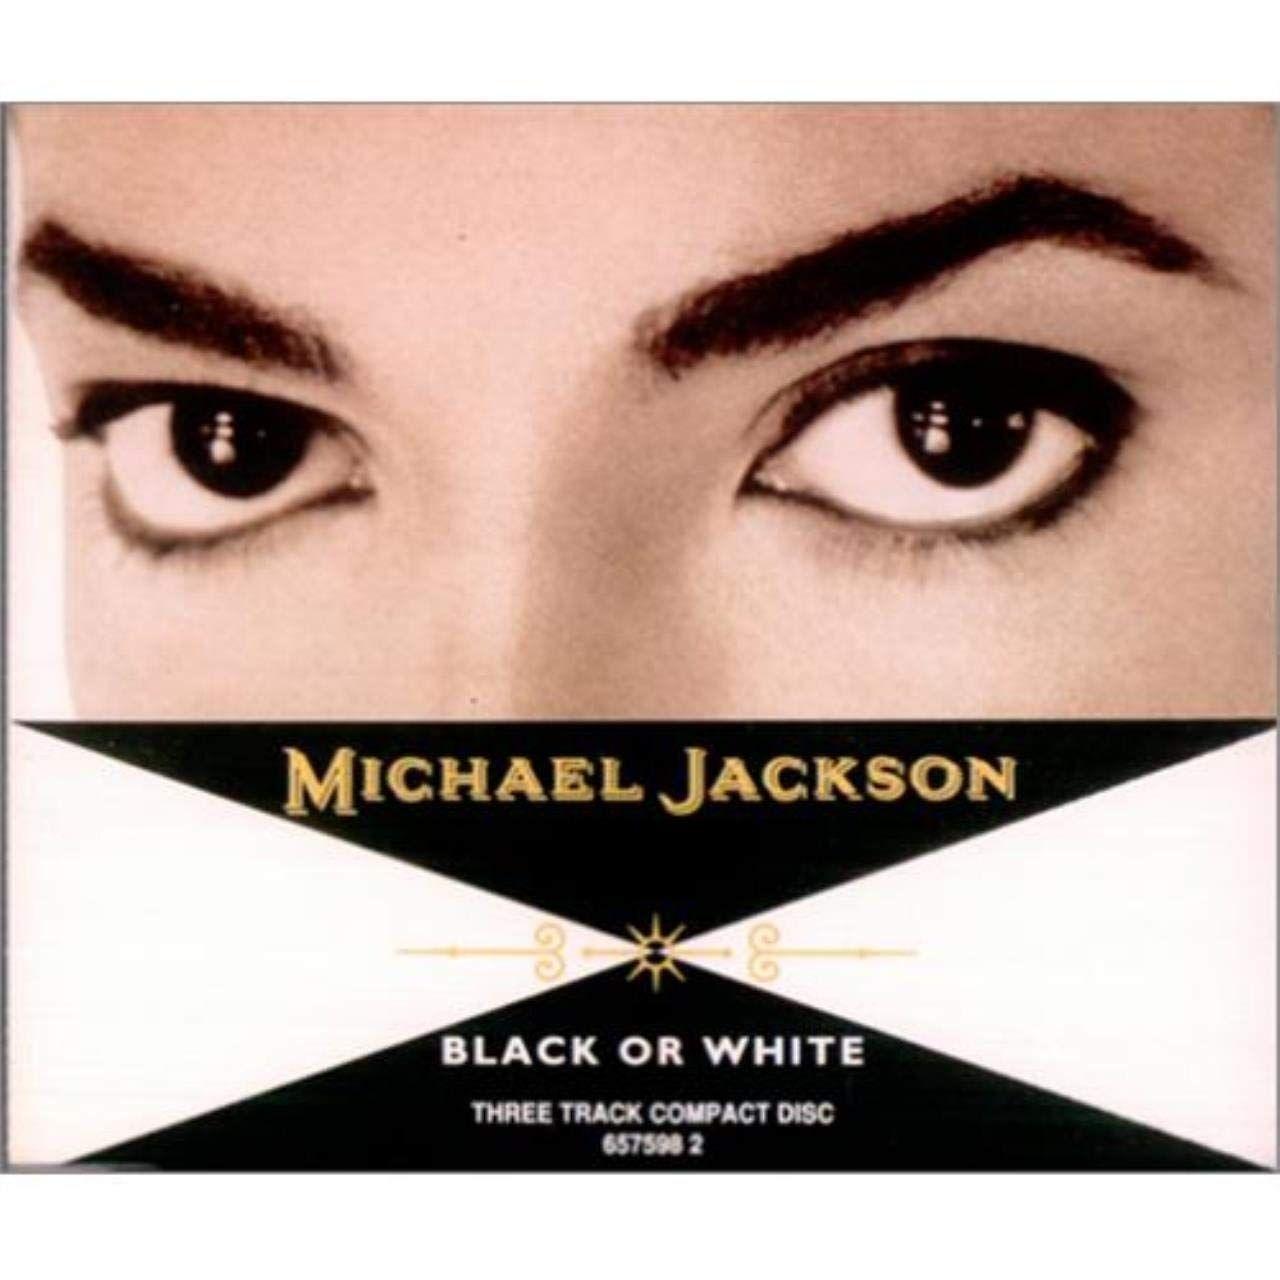 60 Geburtstag Michael Jackson Er Startete 1971 Im Alter Von 13